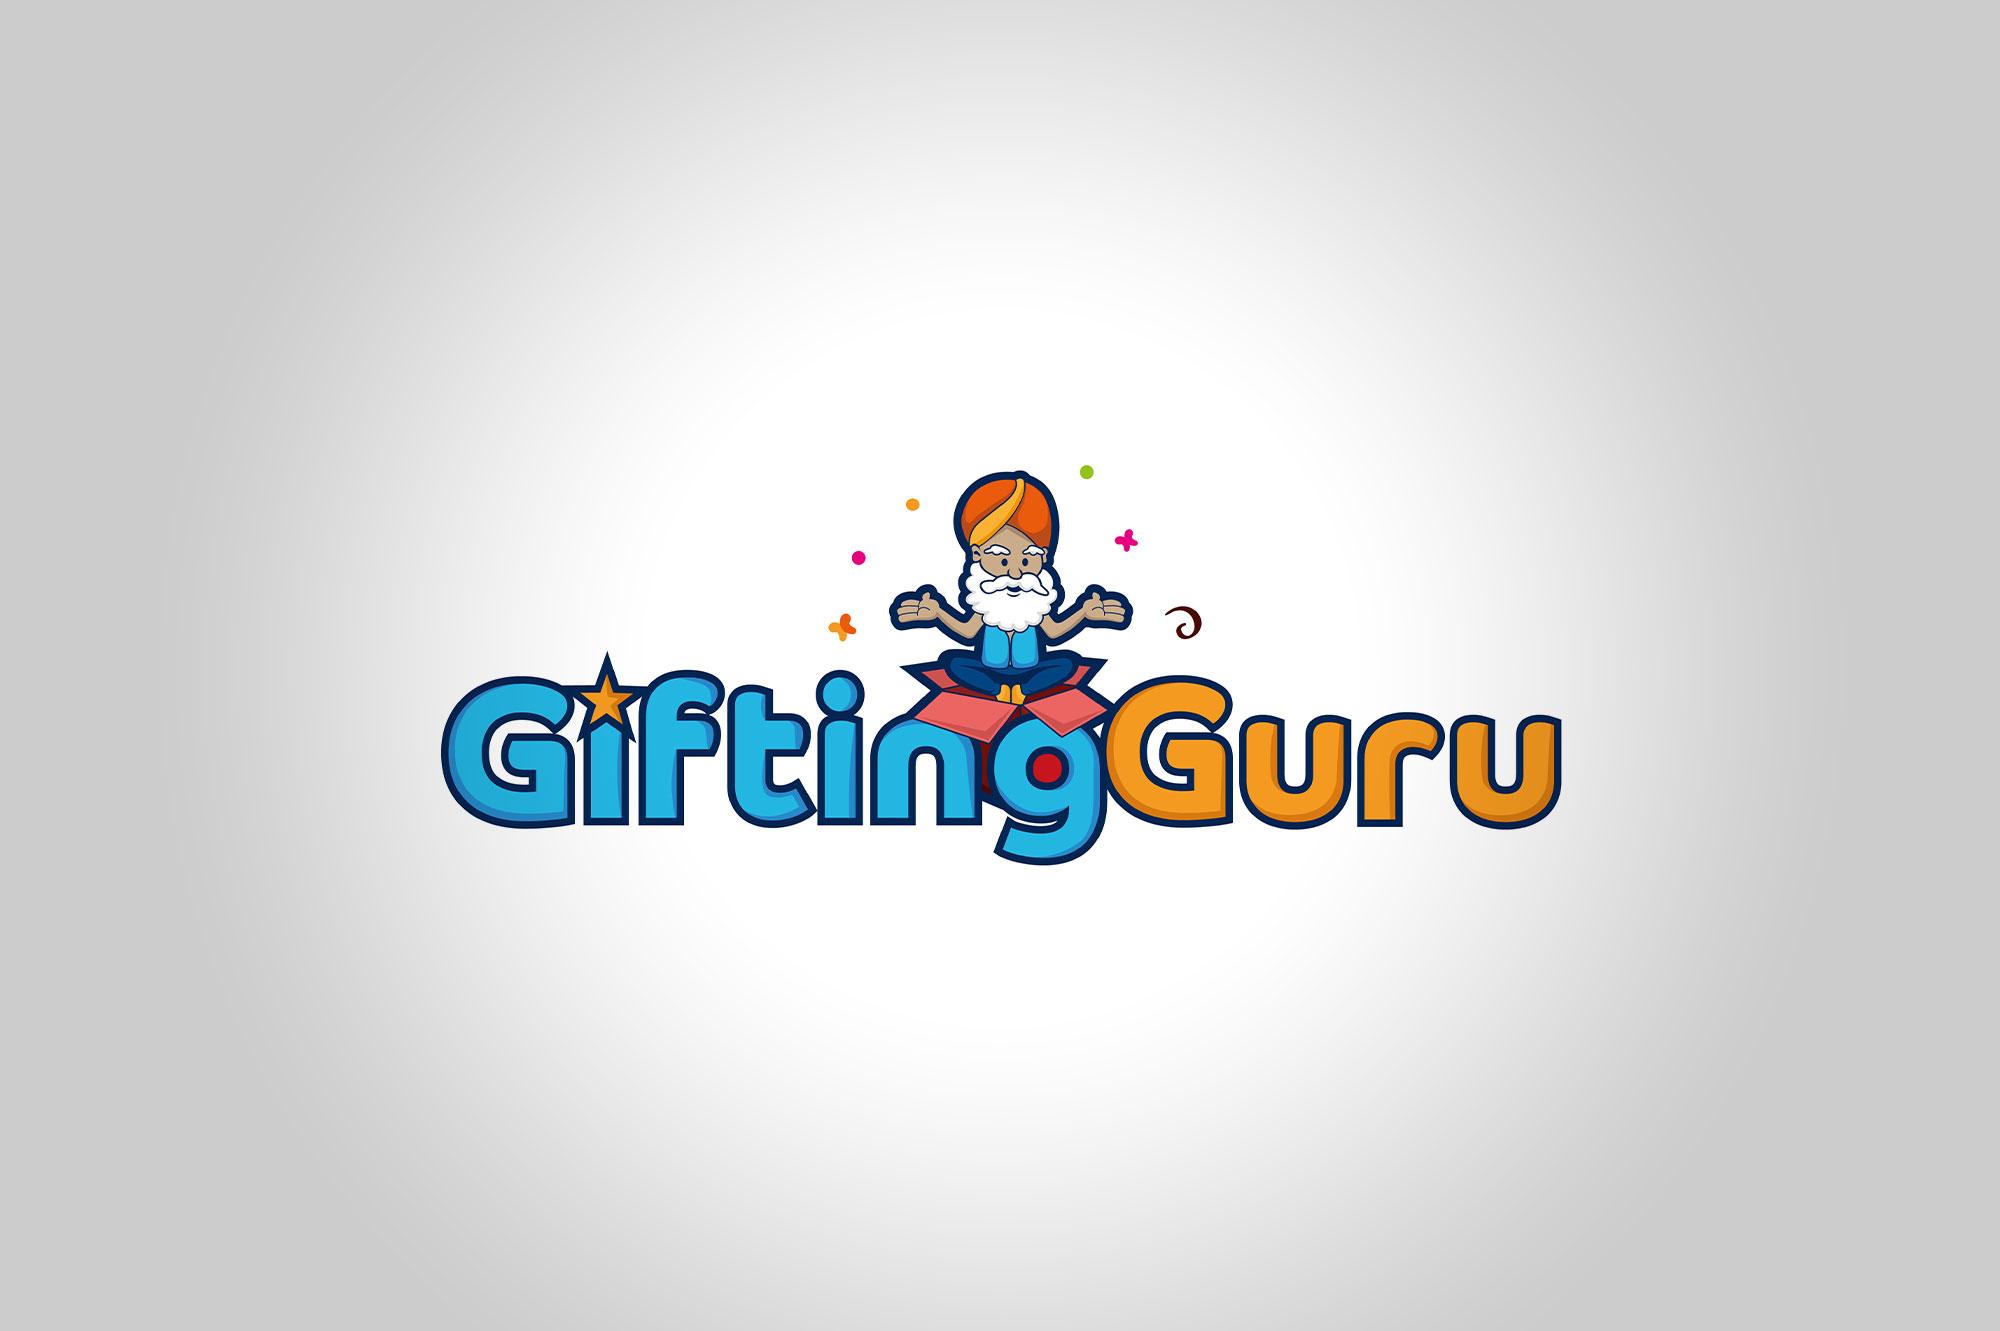 Giftin Guru Logo Design